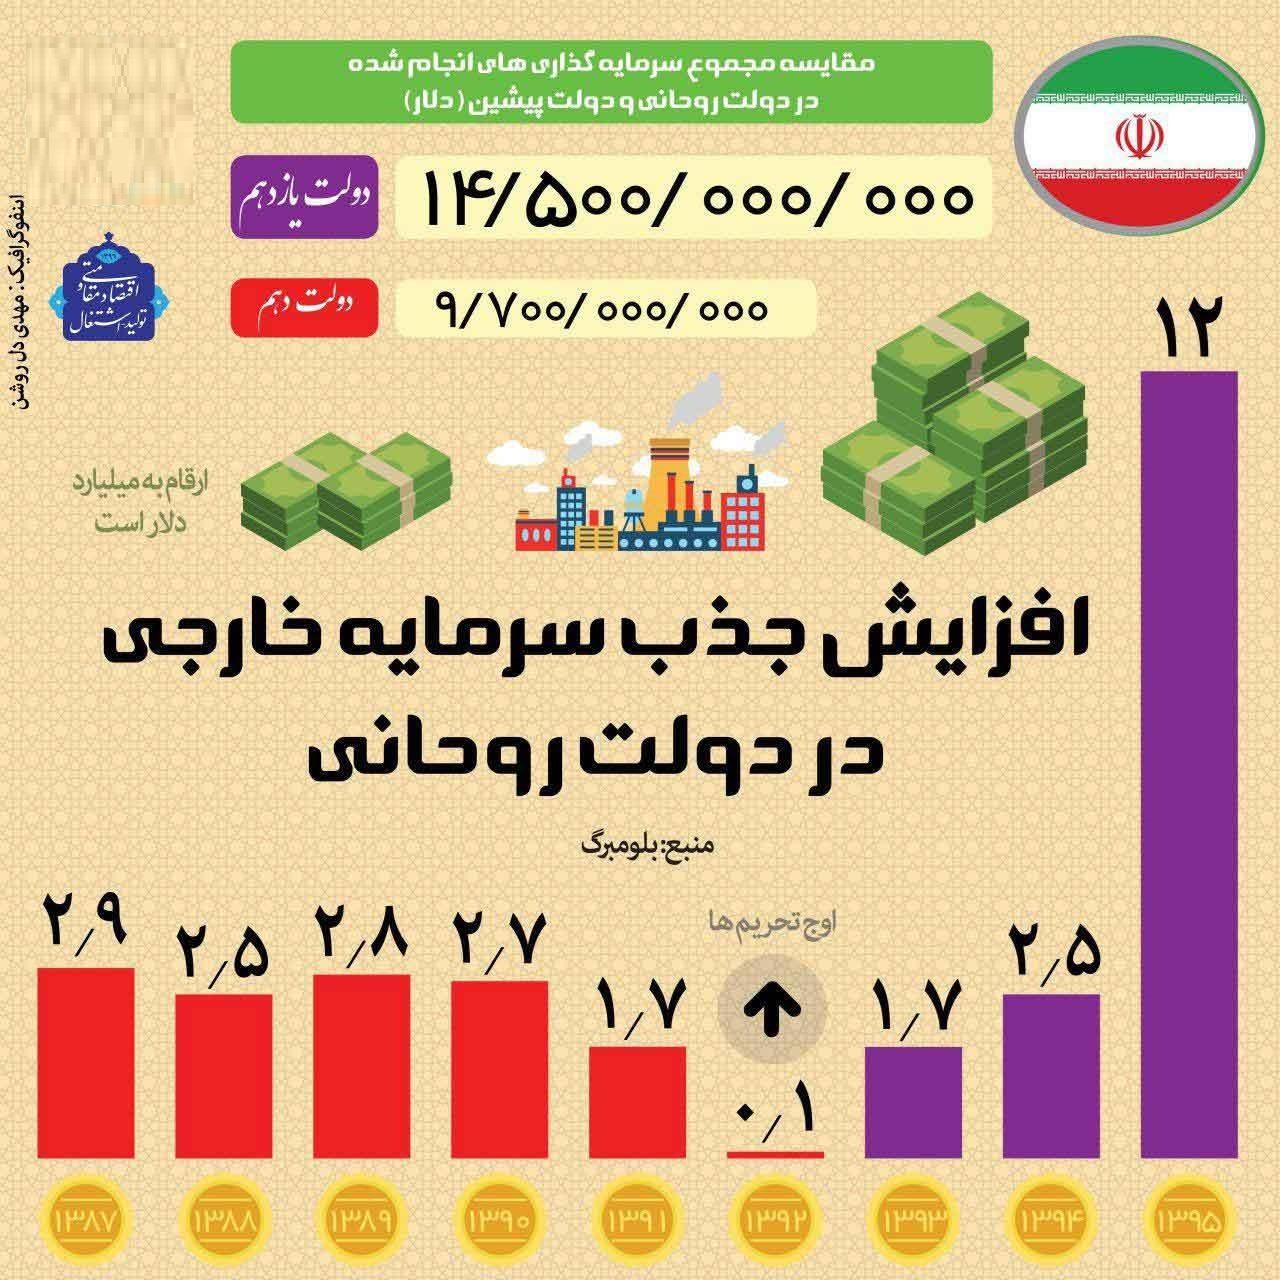 افزایش جذب سرمایهخارجی در دولت روحانی